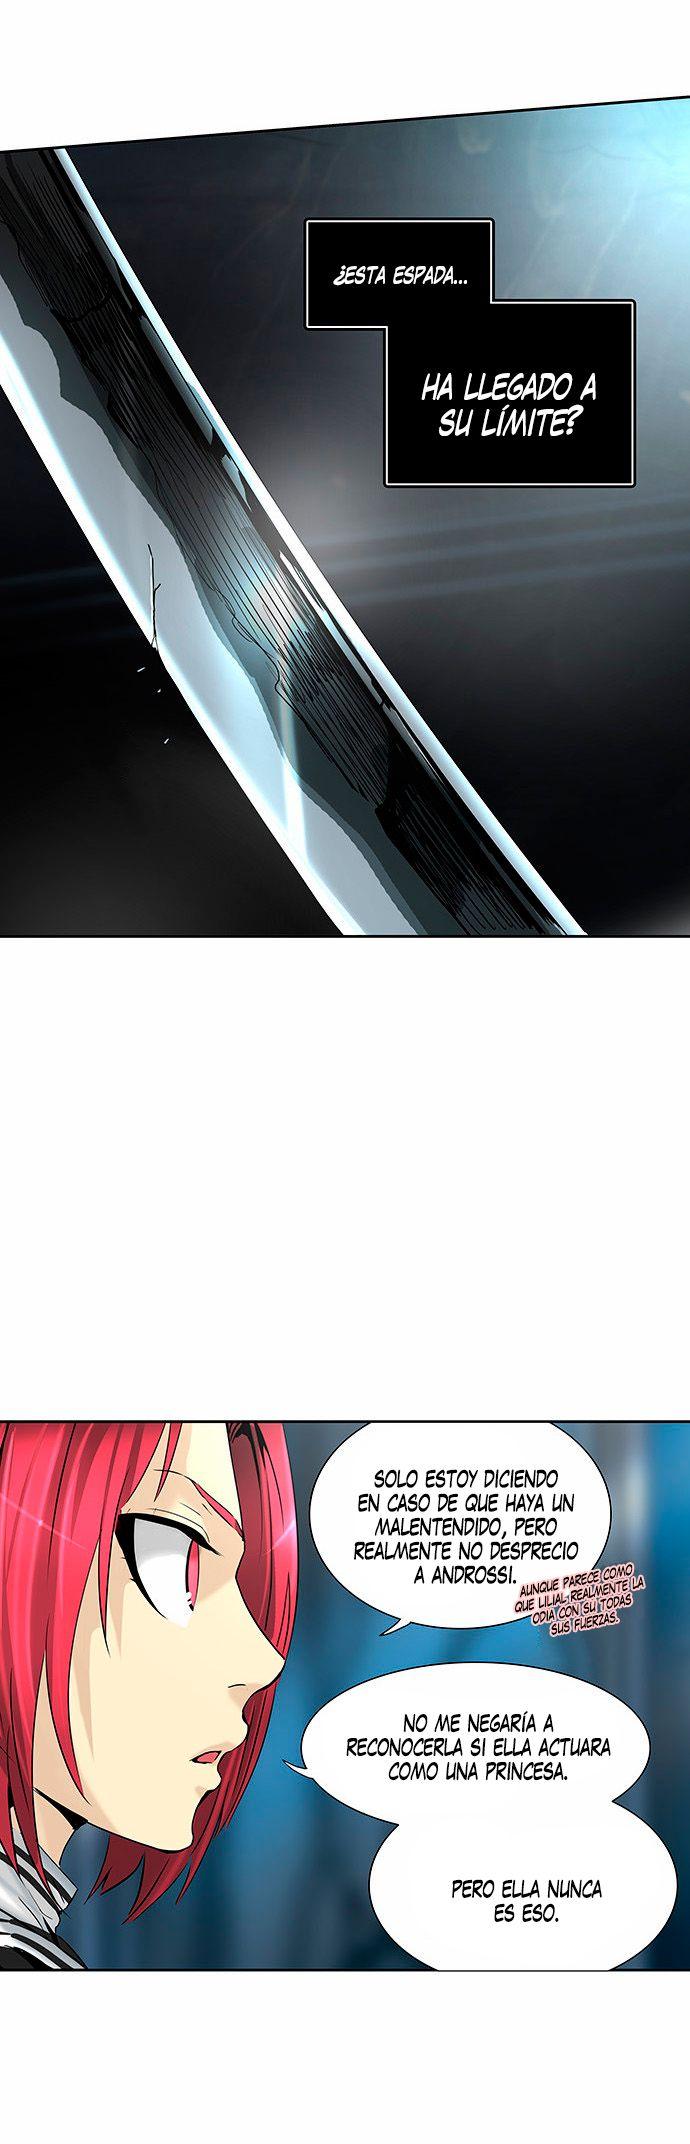 https://c5.ninemanga.com/es_manga/pic2/21/149/501713/4466f2c1e7eed04c491b8620b142ff72.jpg Page 44